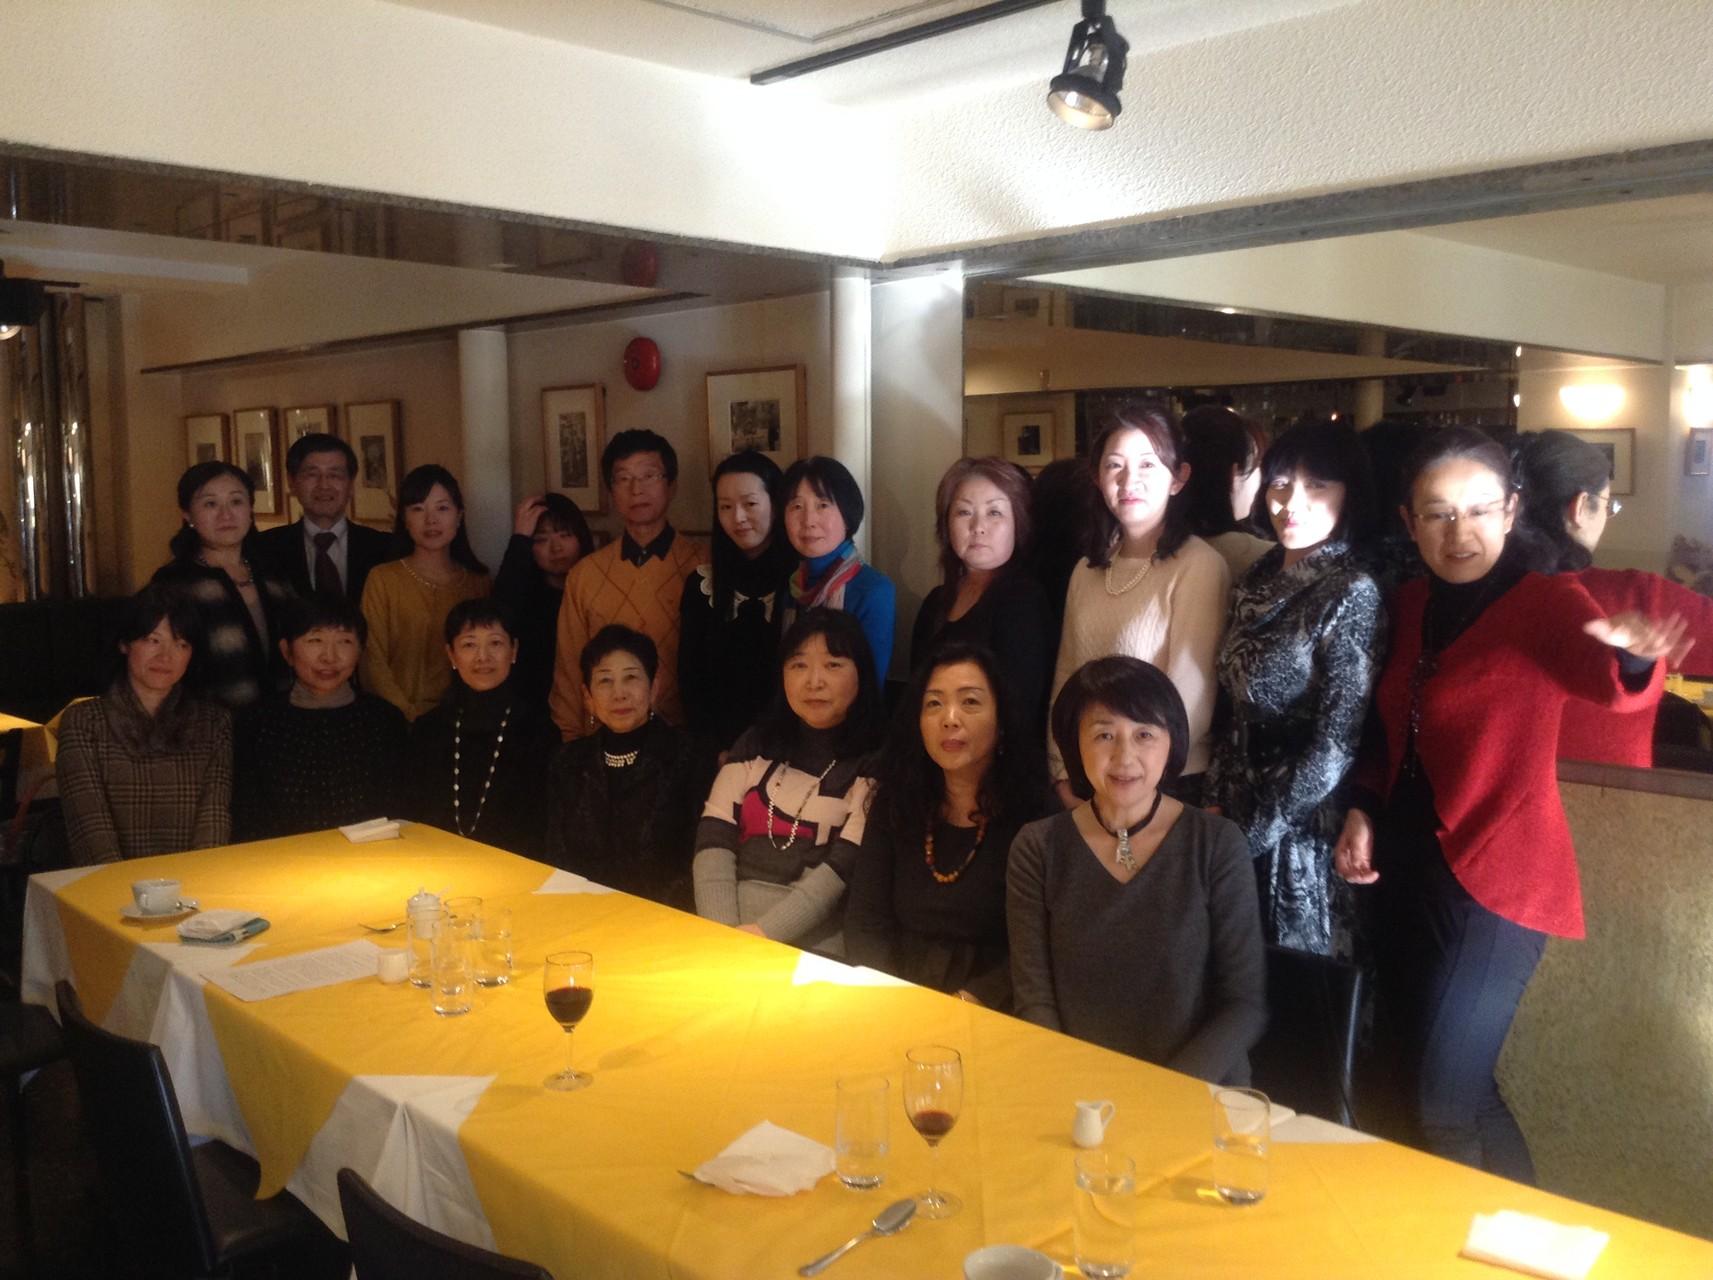 2015年2月11日(水・祝)新年会「ロカンダ・エフェック」にて